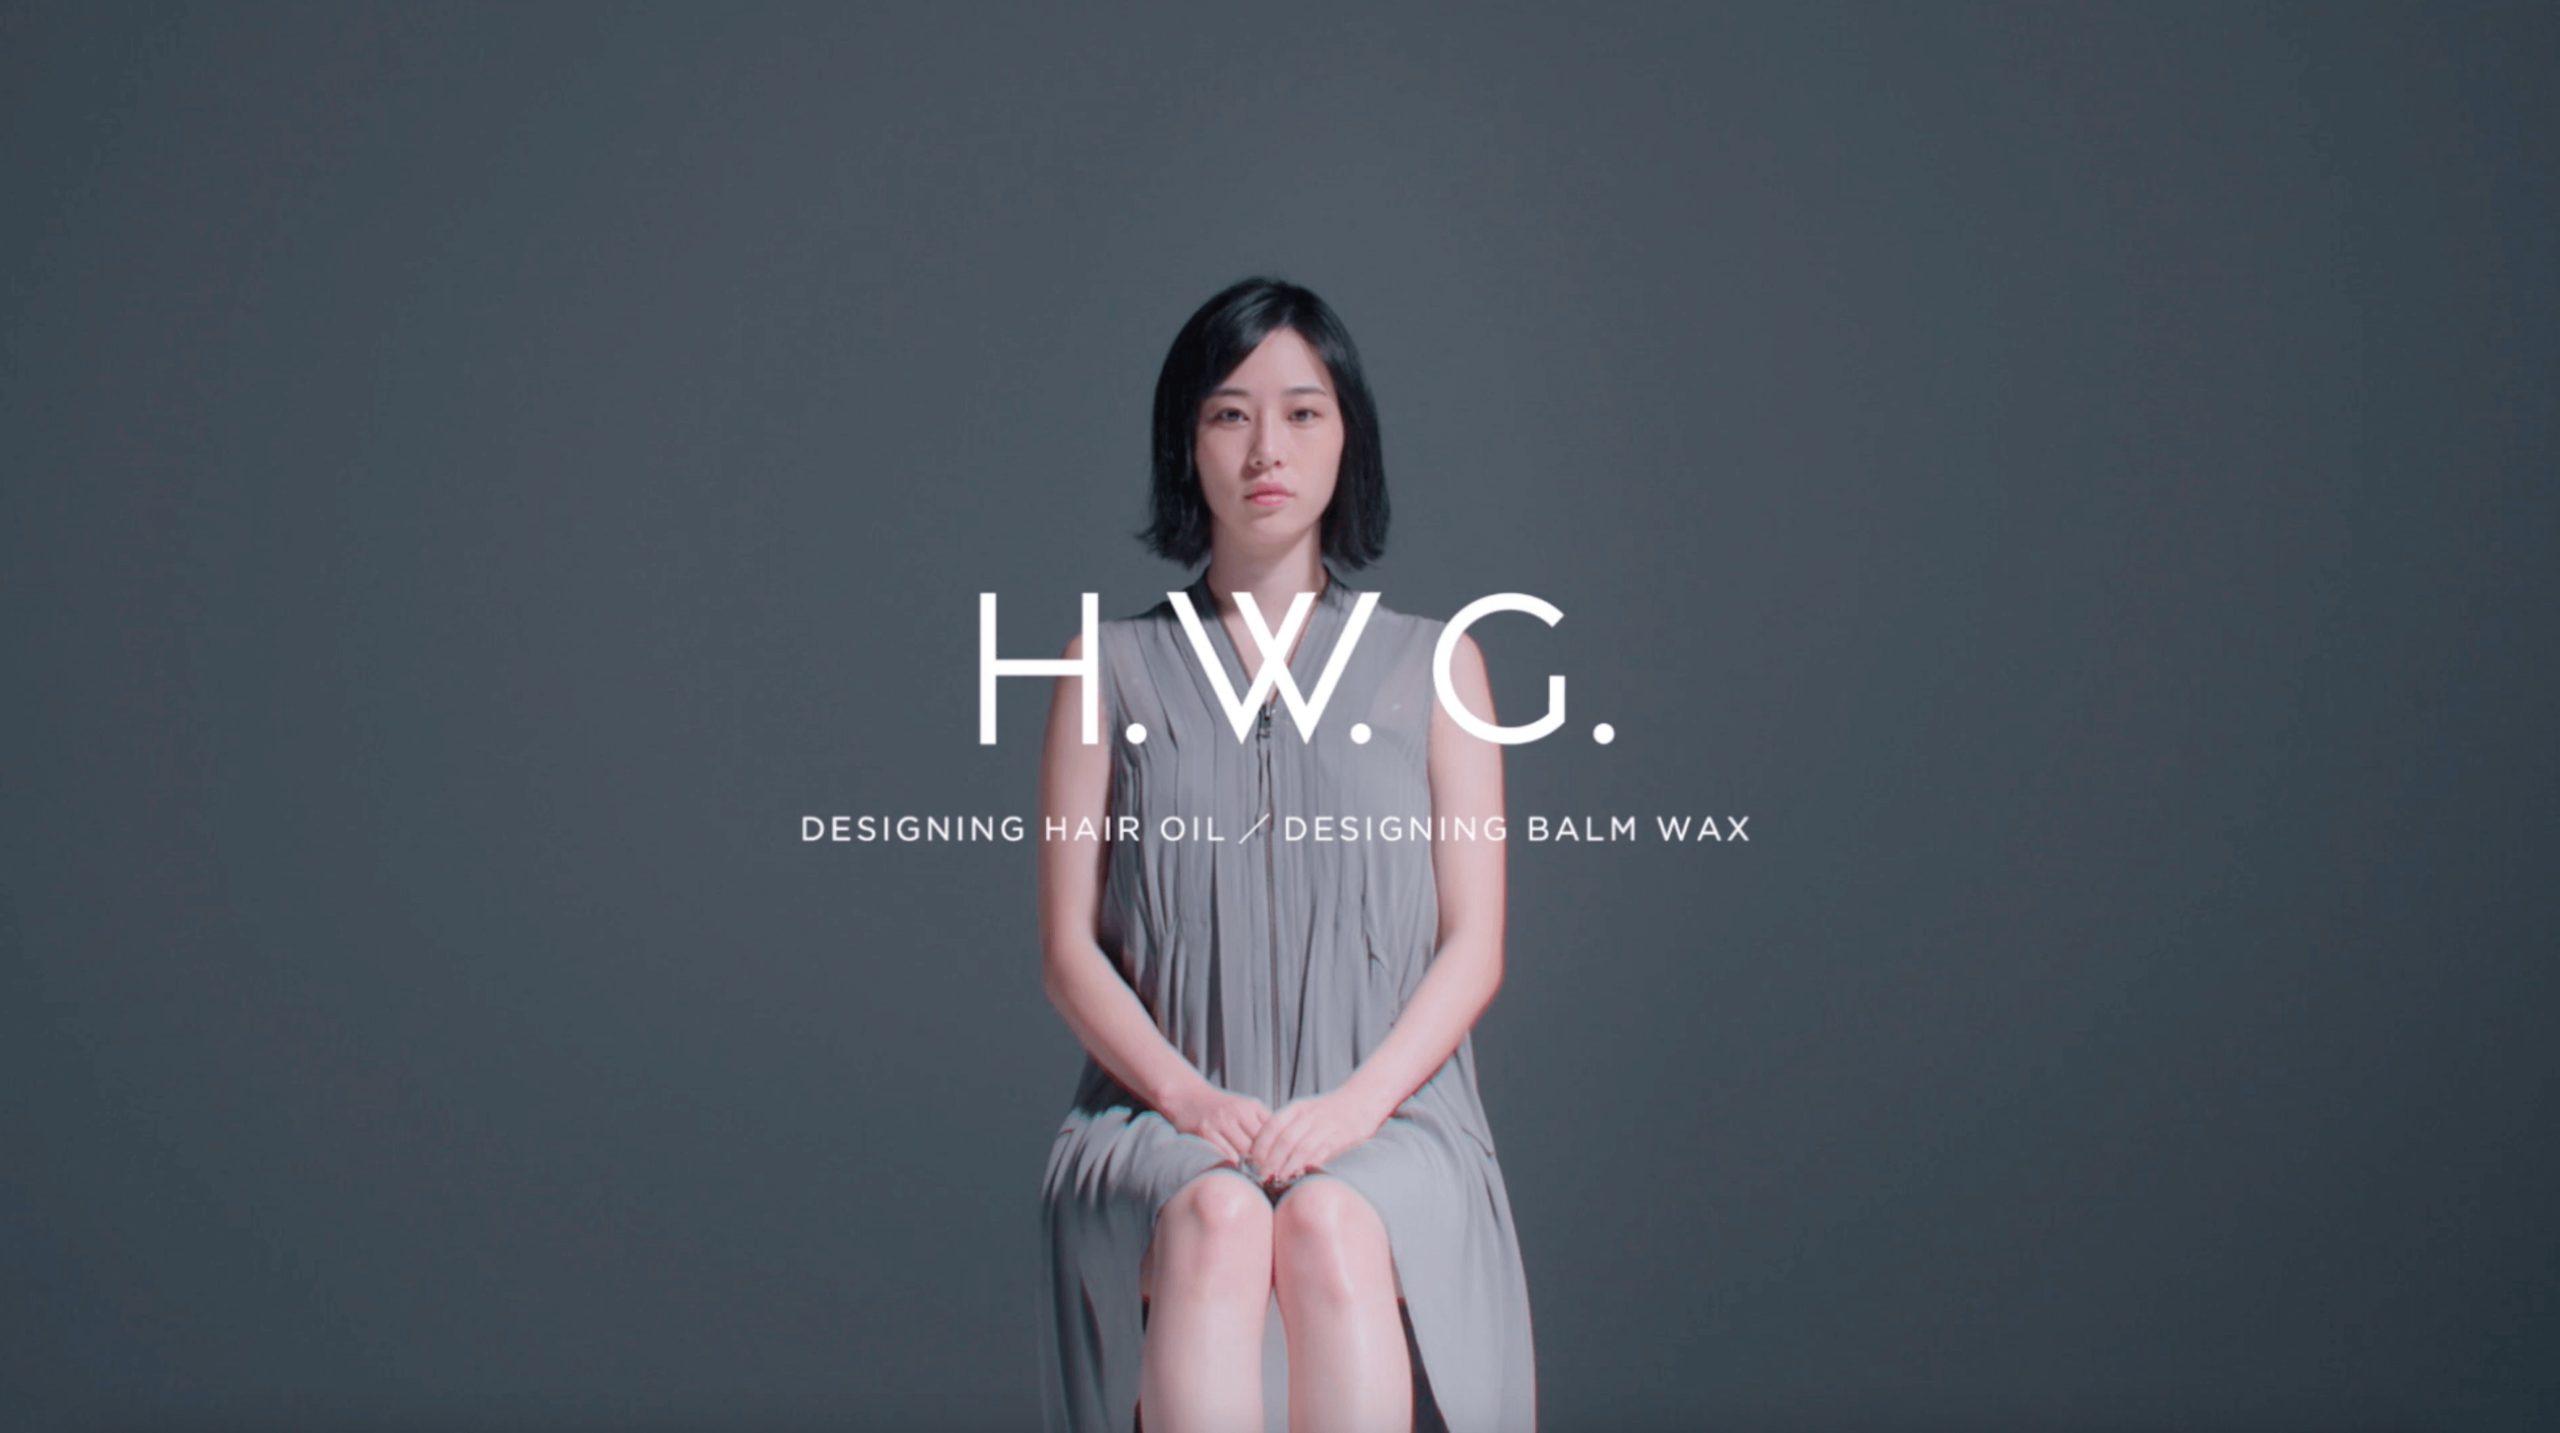 【#ネオスタイルぶっかま】H.W.G.(ハウジー)デザイニングヘアオイル&デザイニング バームワックス【EXITプロデュース】